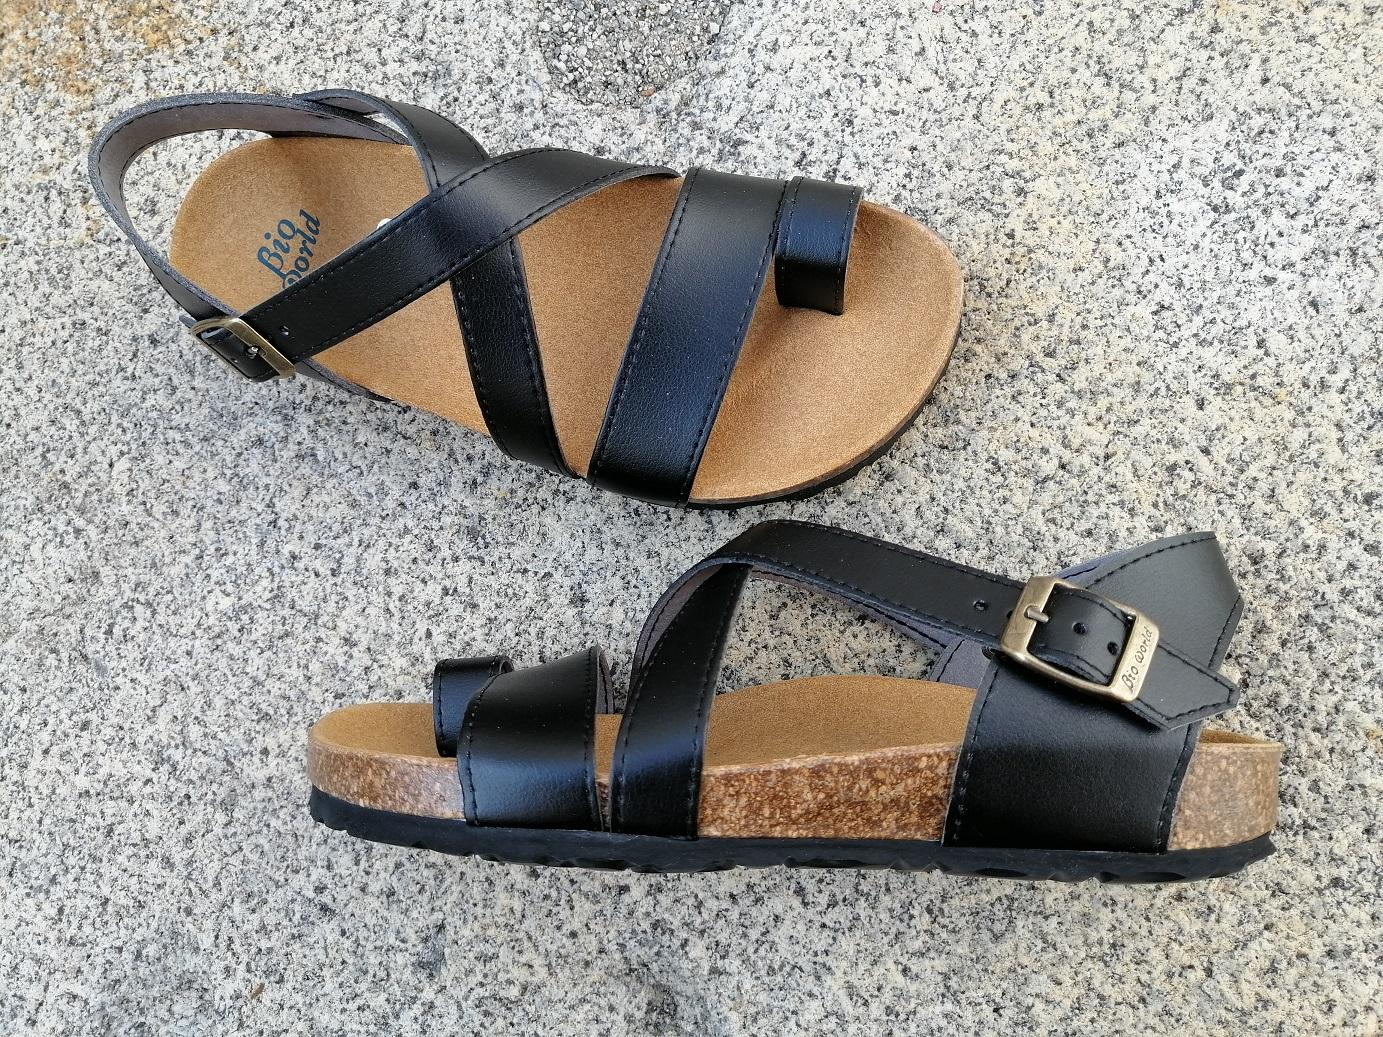 GENOVA NEGRO, sandalias veganas, sandalias veganas mujer, calzado vegano, sandalias de tacón bajo, sandalias bioworld, vegan shoes.